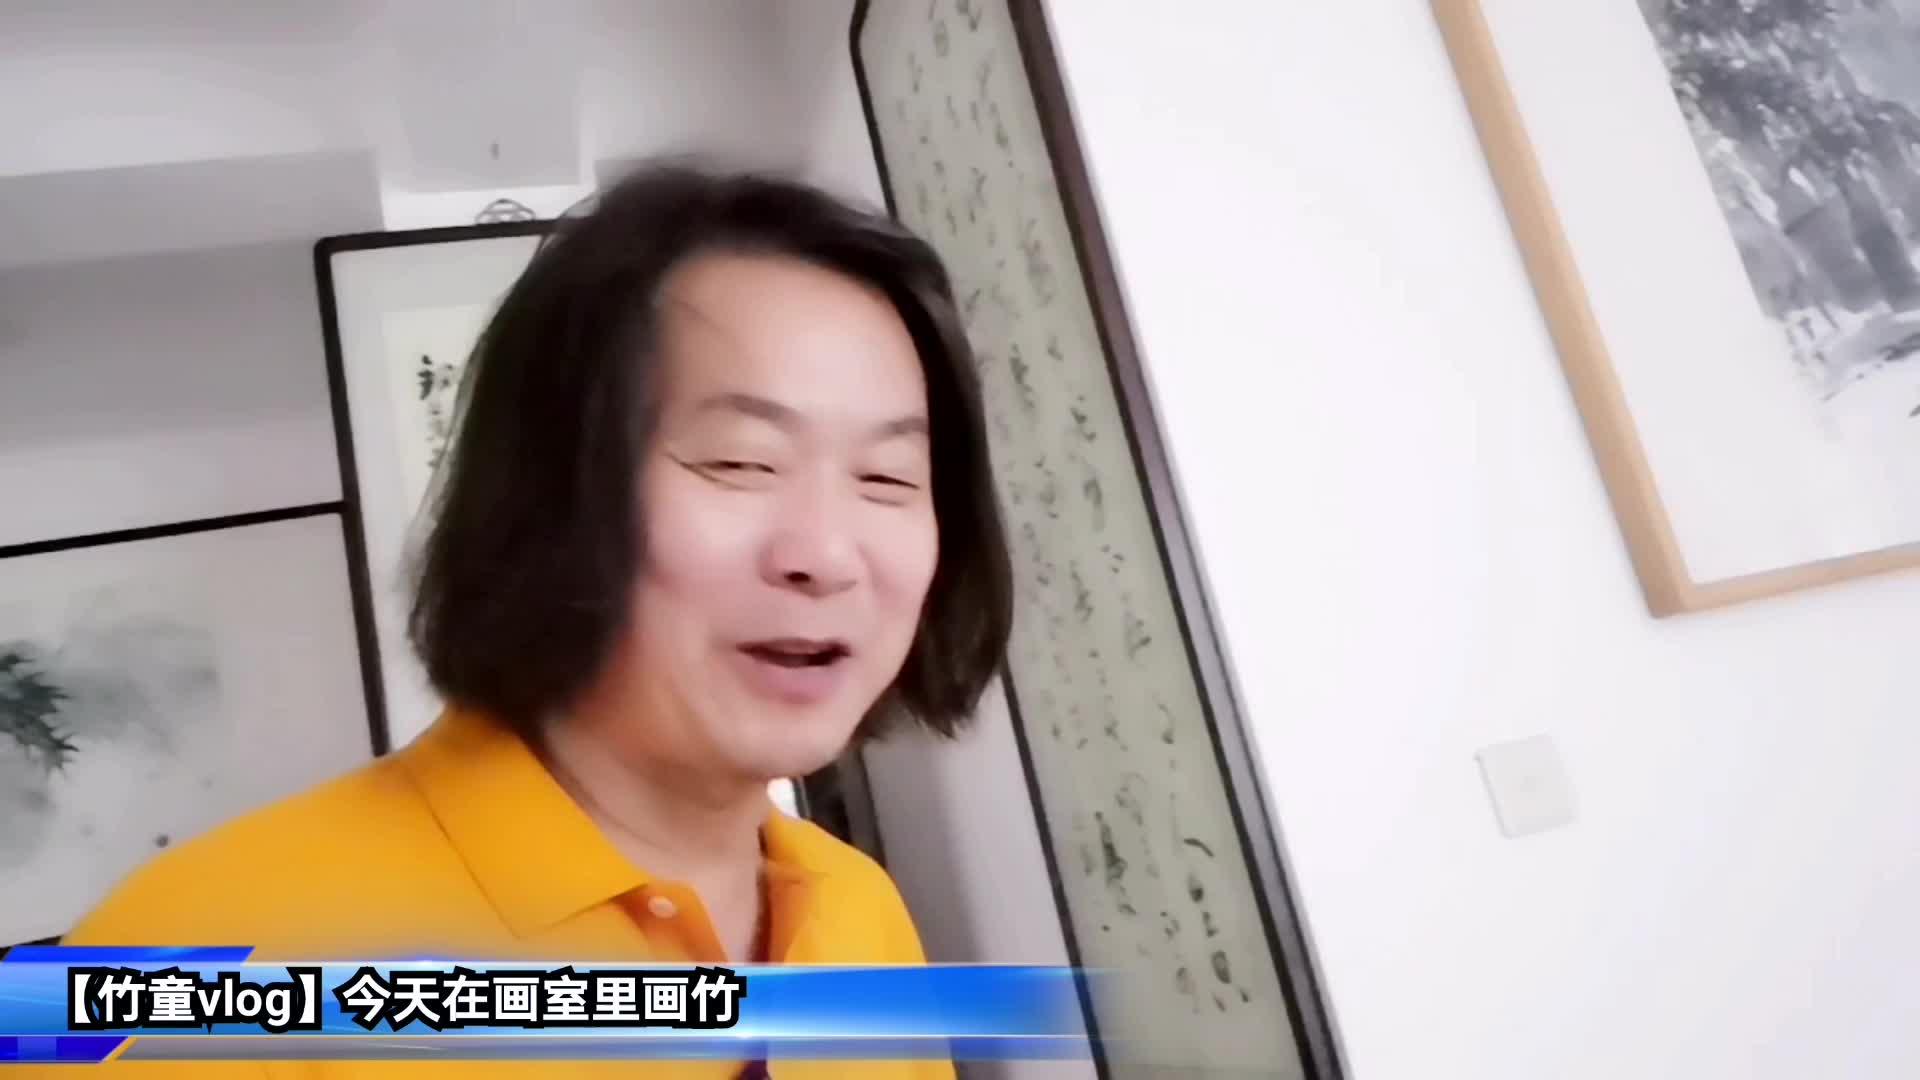 """【竹童vlog】今天在画室里画竹""""一幅六尺整墨竹图"""""""